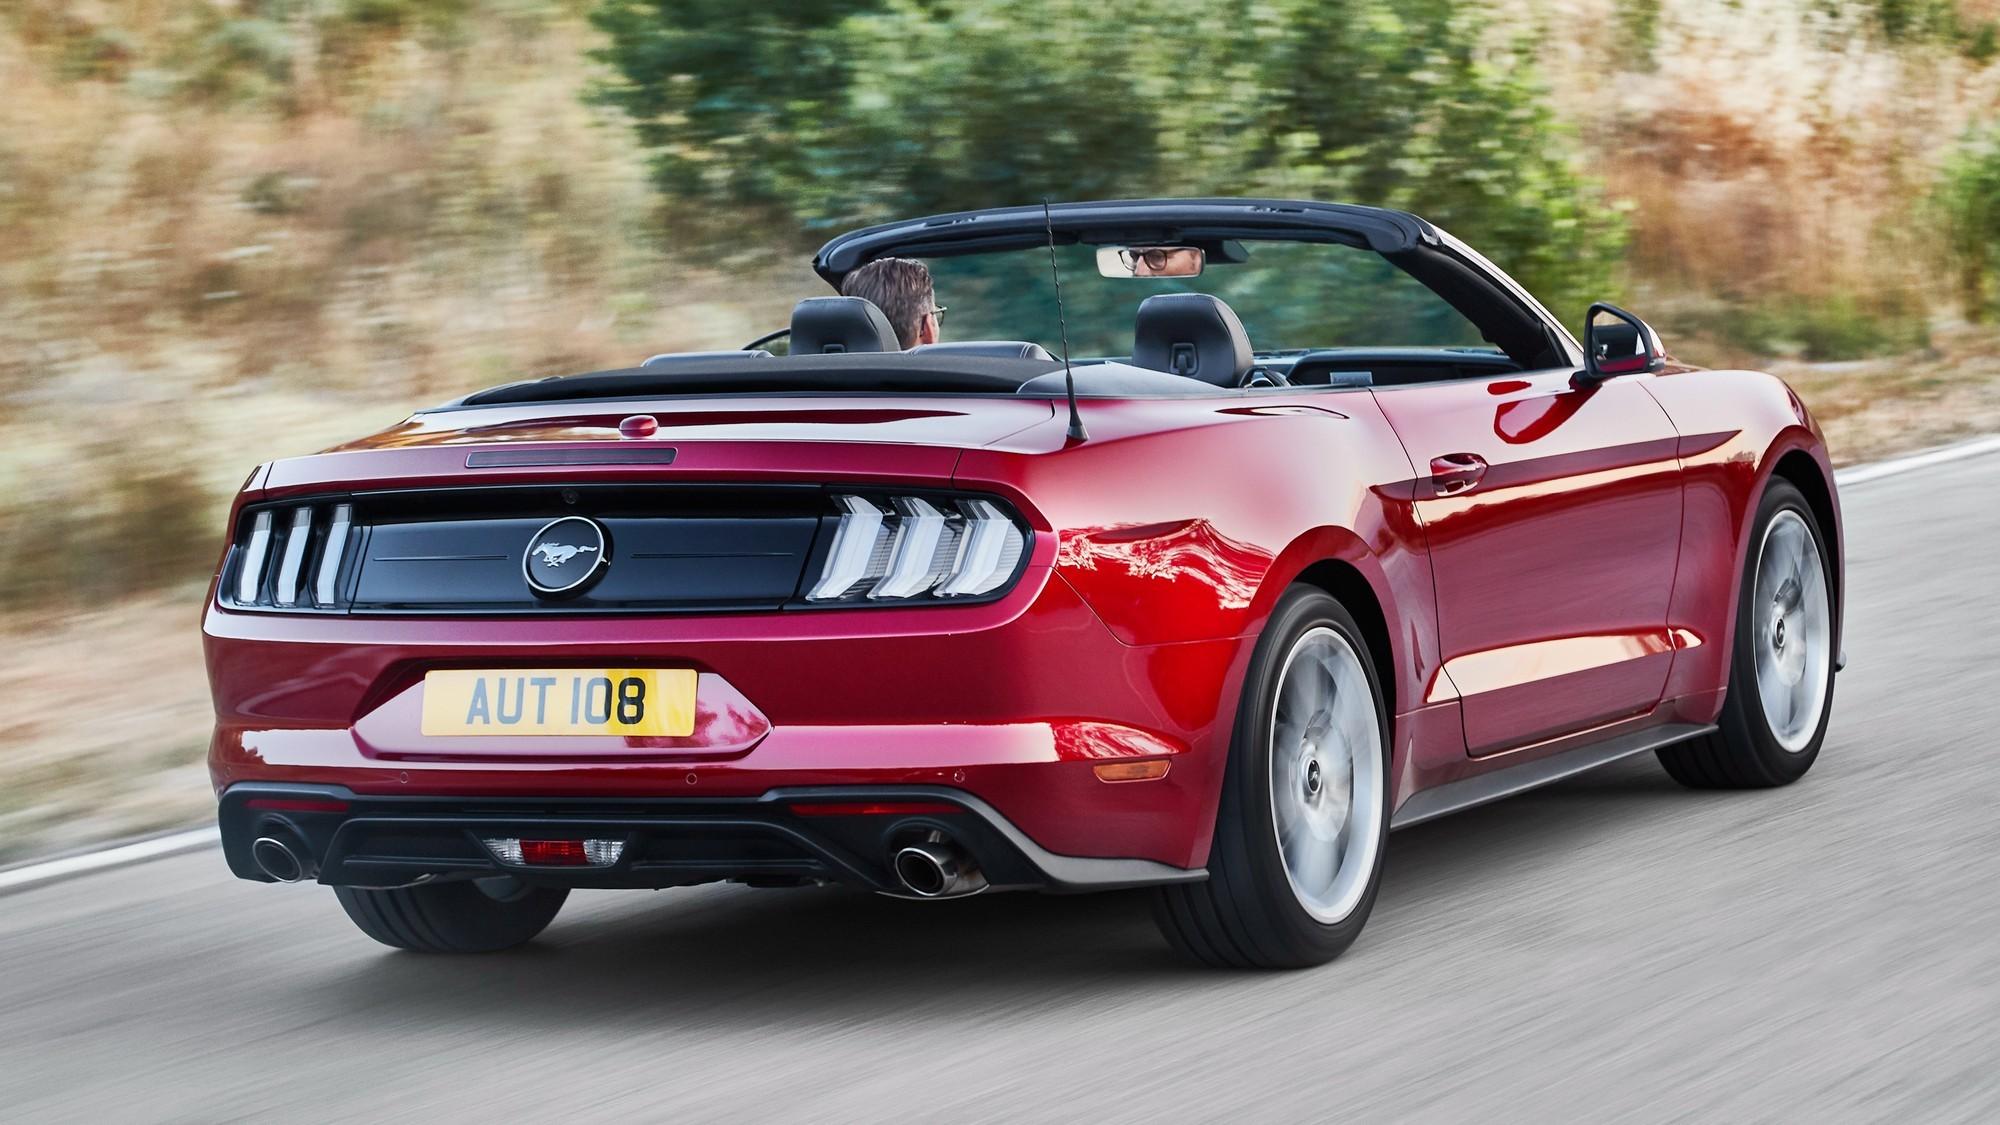 Неудержимые «лошадки»: крупный отзыв Ford Mustang из-за ломающейся педали тормоза